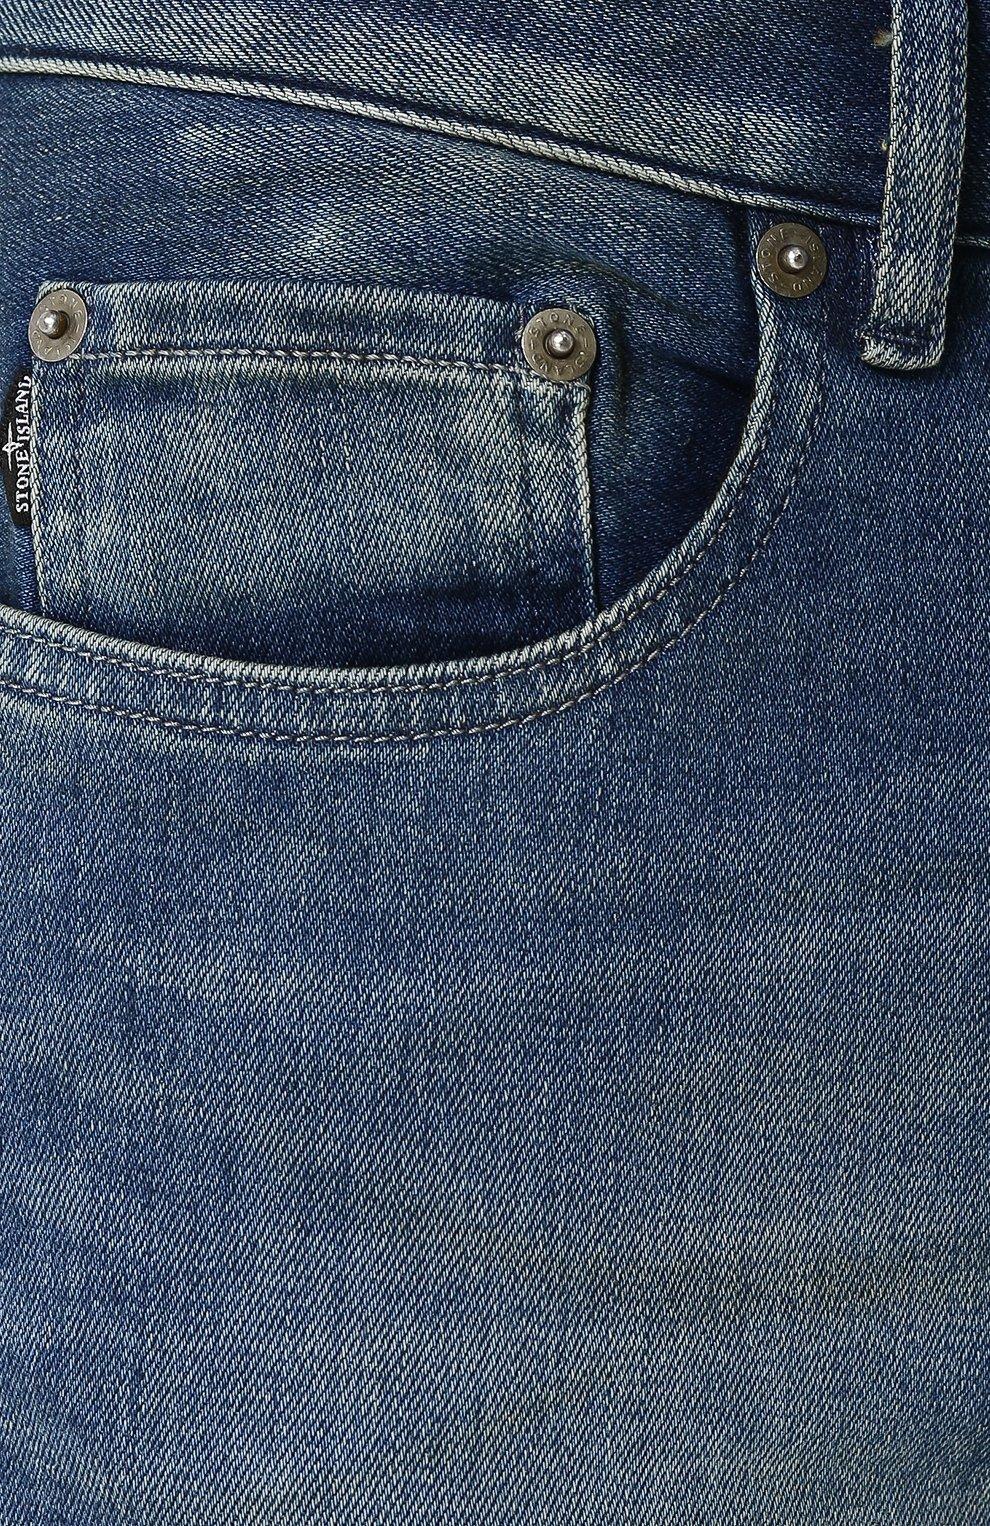 Мужские джинсы прямого кроя с потертостями STONE ISLAND синего цвета, арт. 6815J2ZN4 | Фото 5